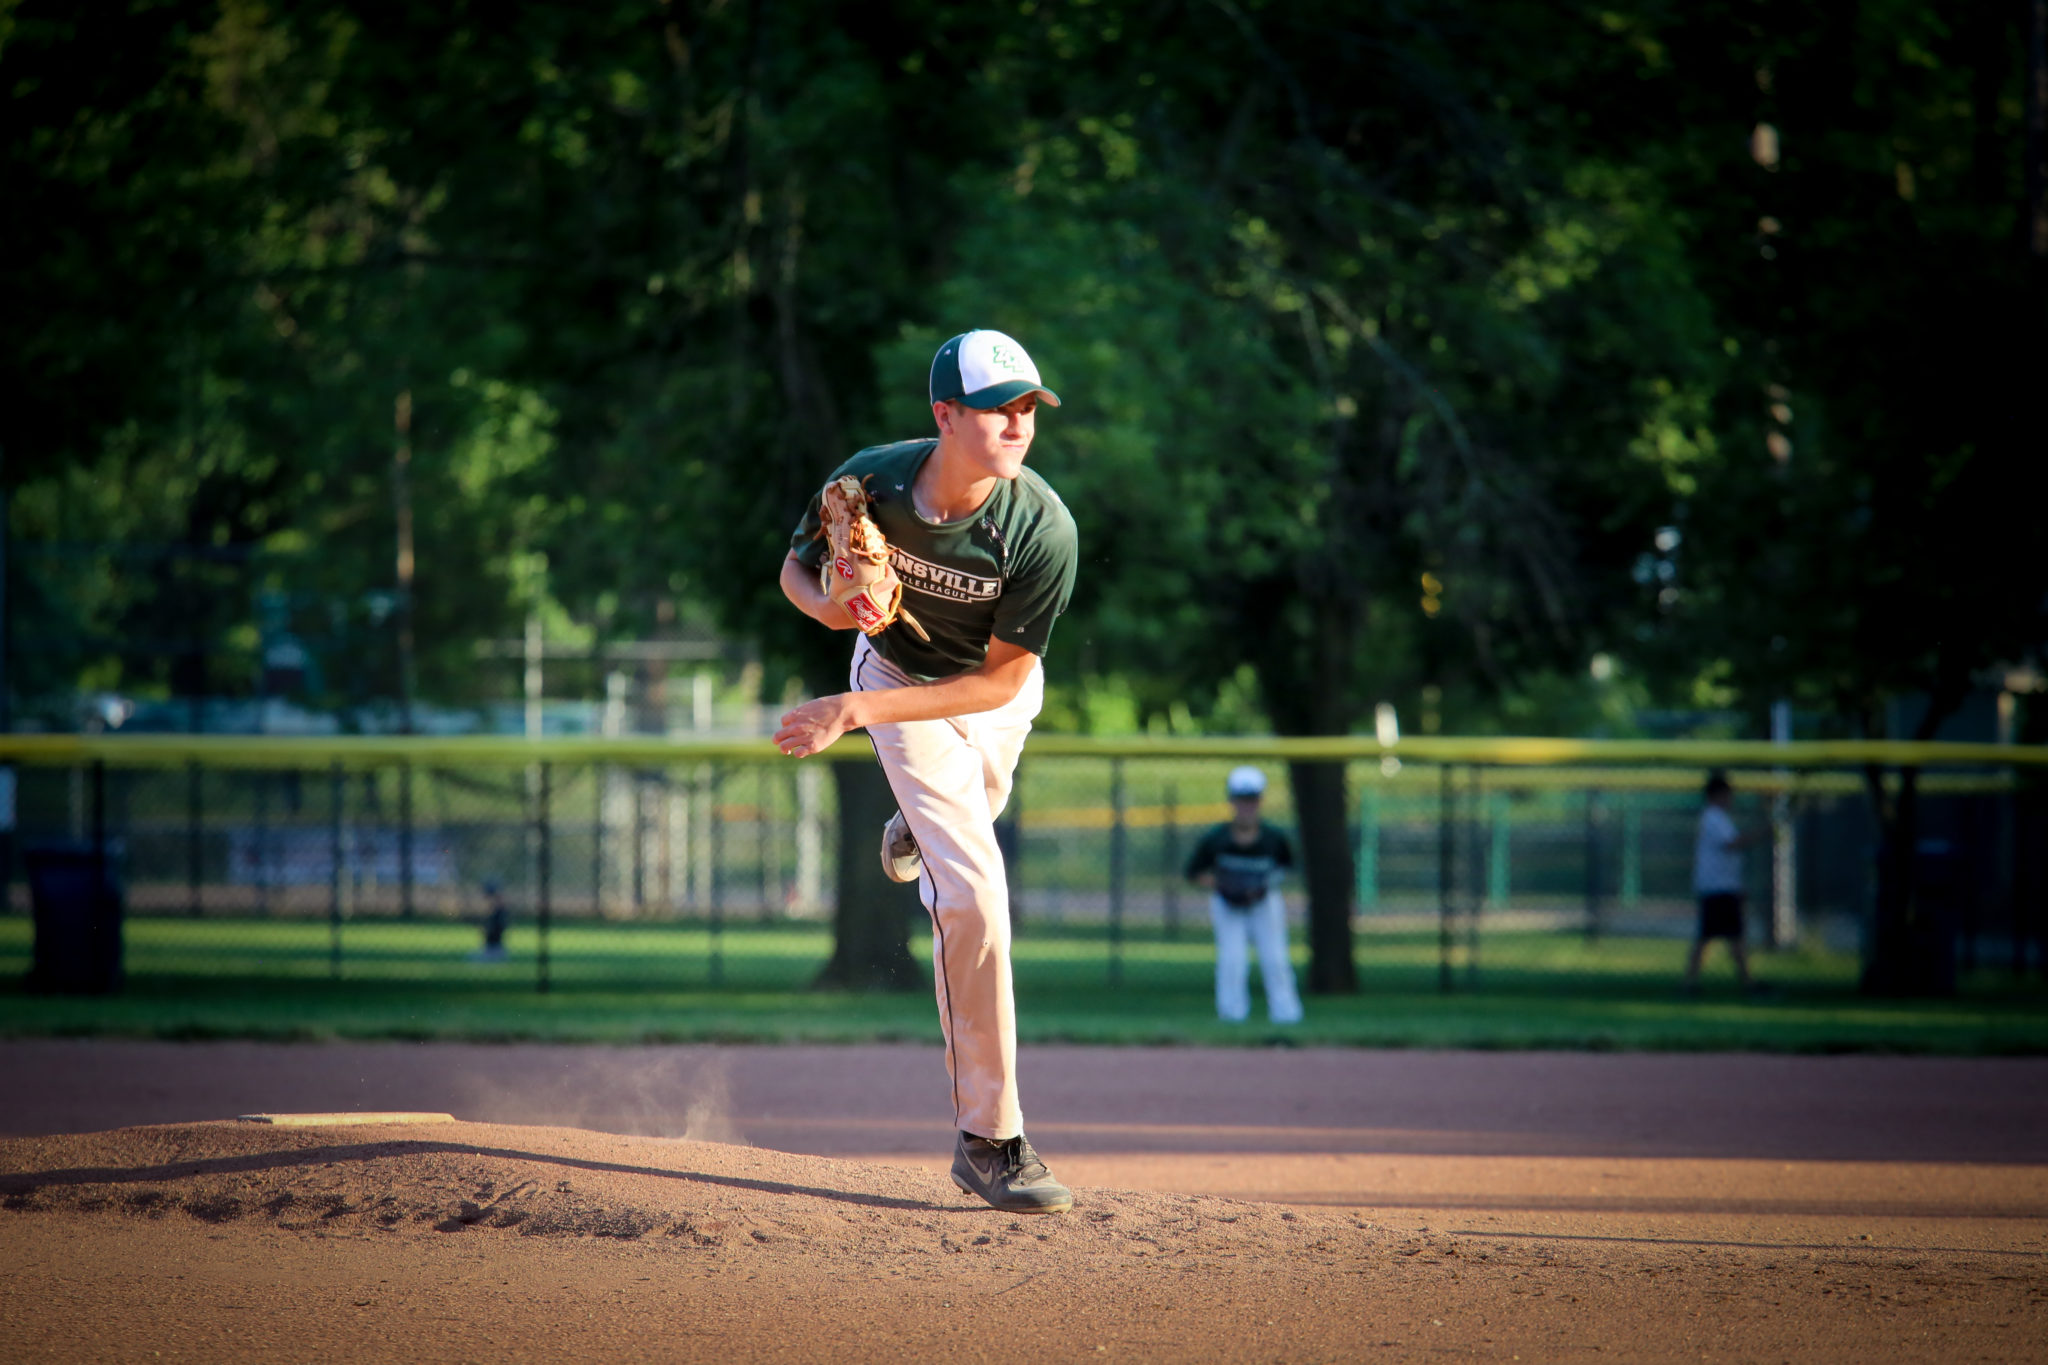 13 Baseball Zionsville Little League